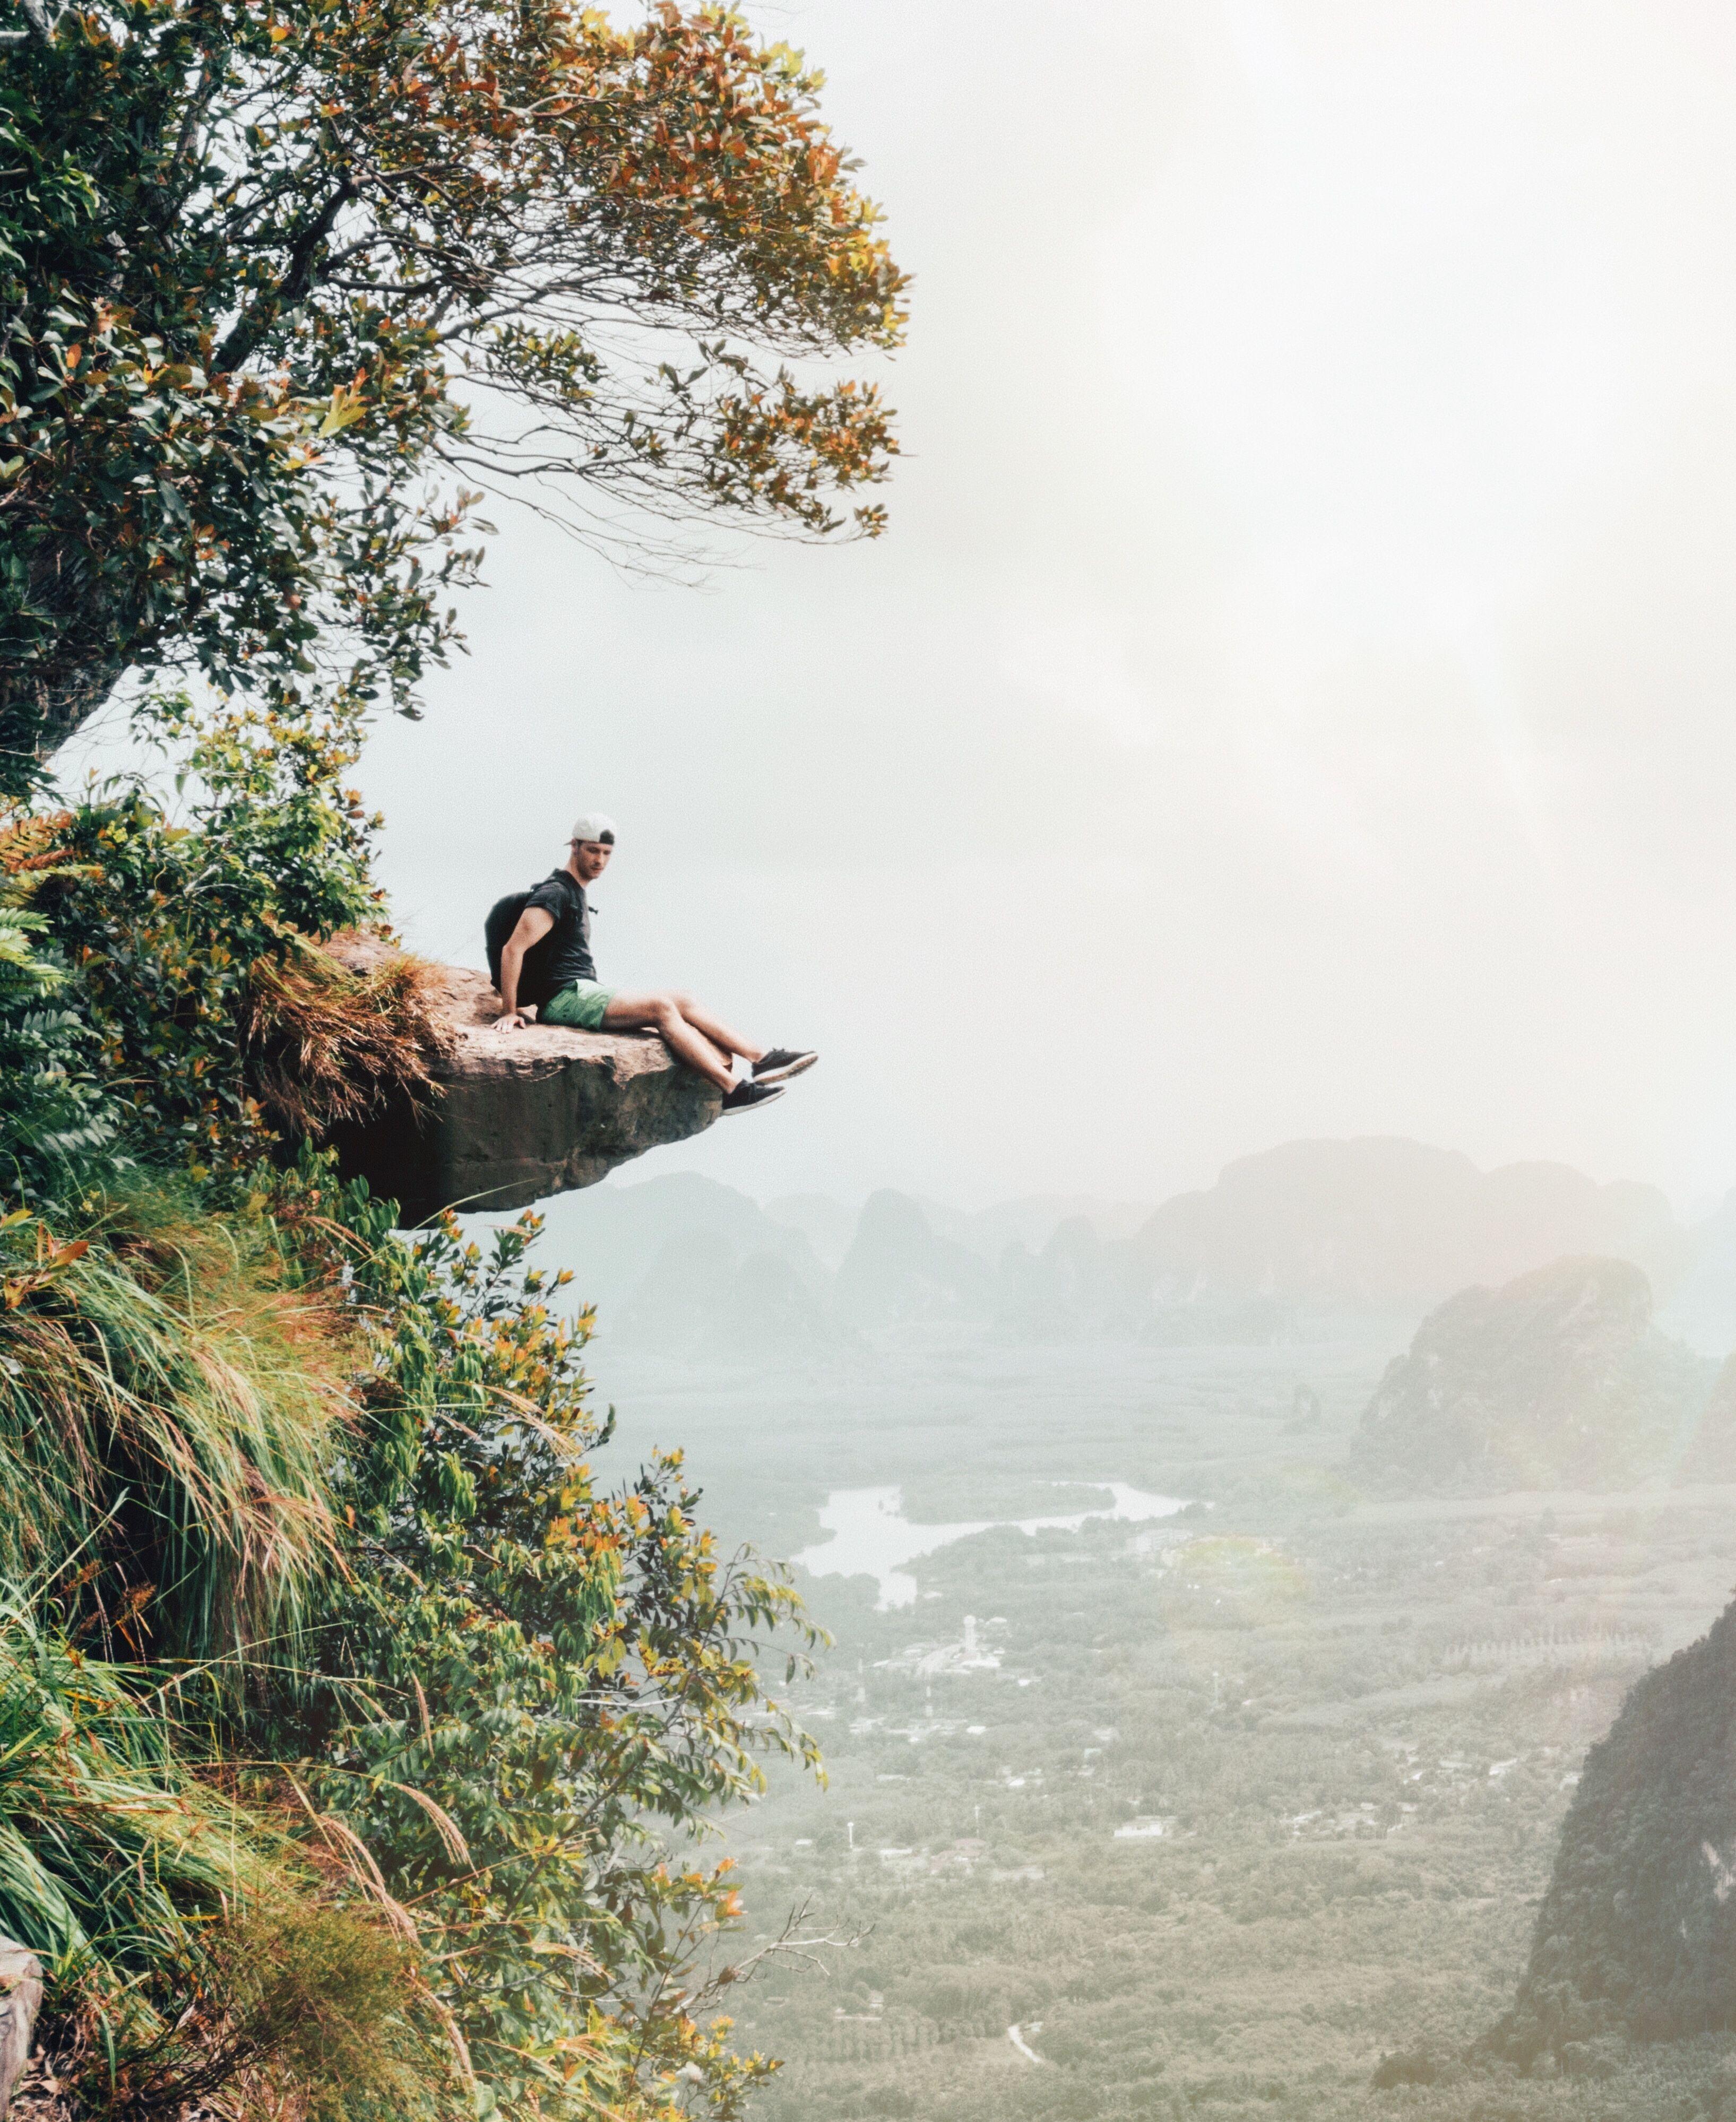 Dragon Crest Mountain Krabi Thailand Instagram Travel